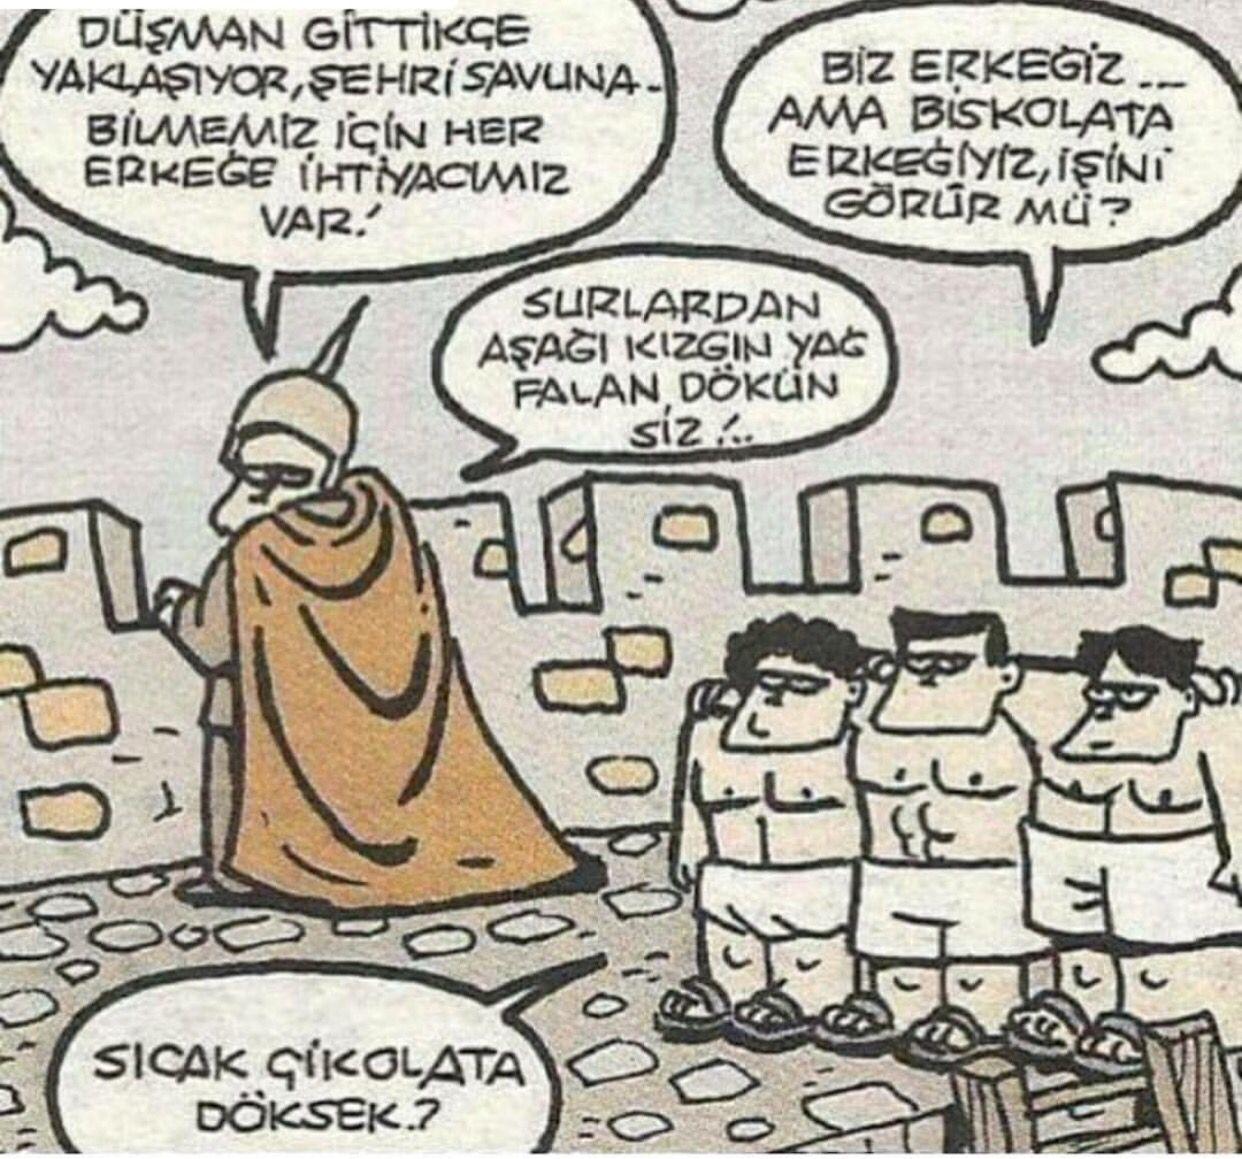 Biscolata Erkekleri Karikatur Komik Mizah